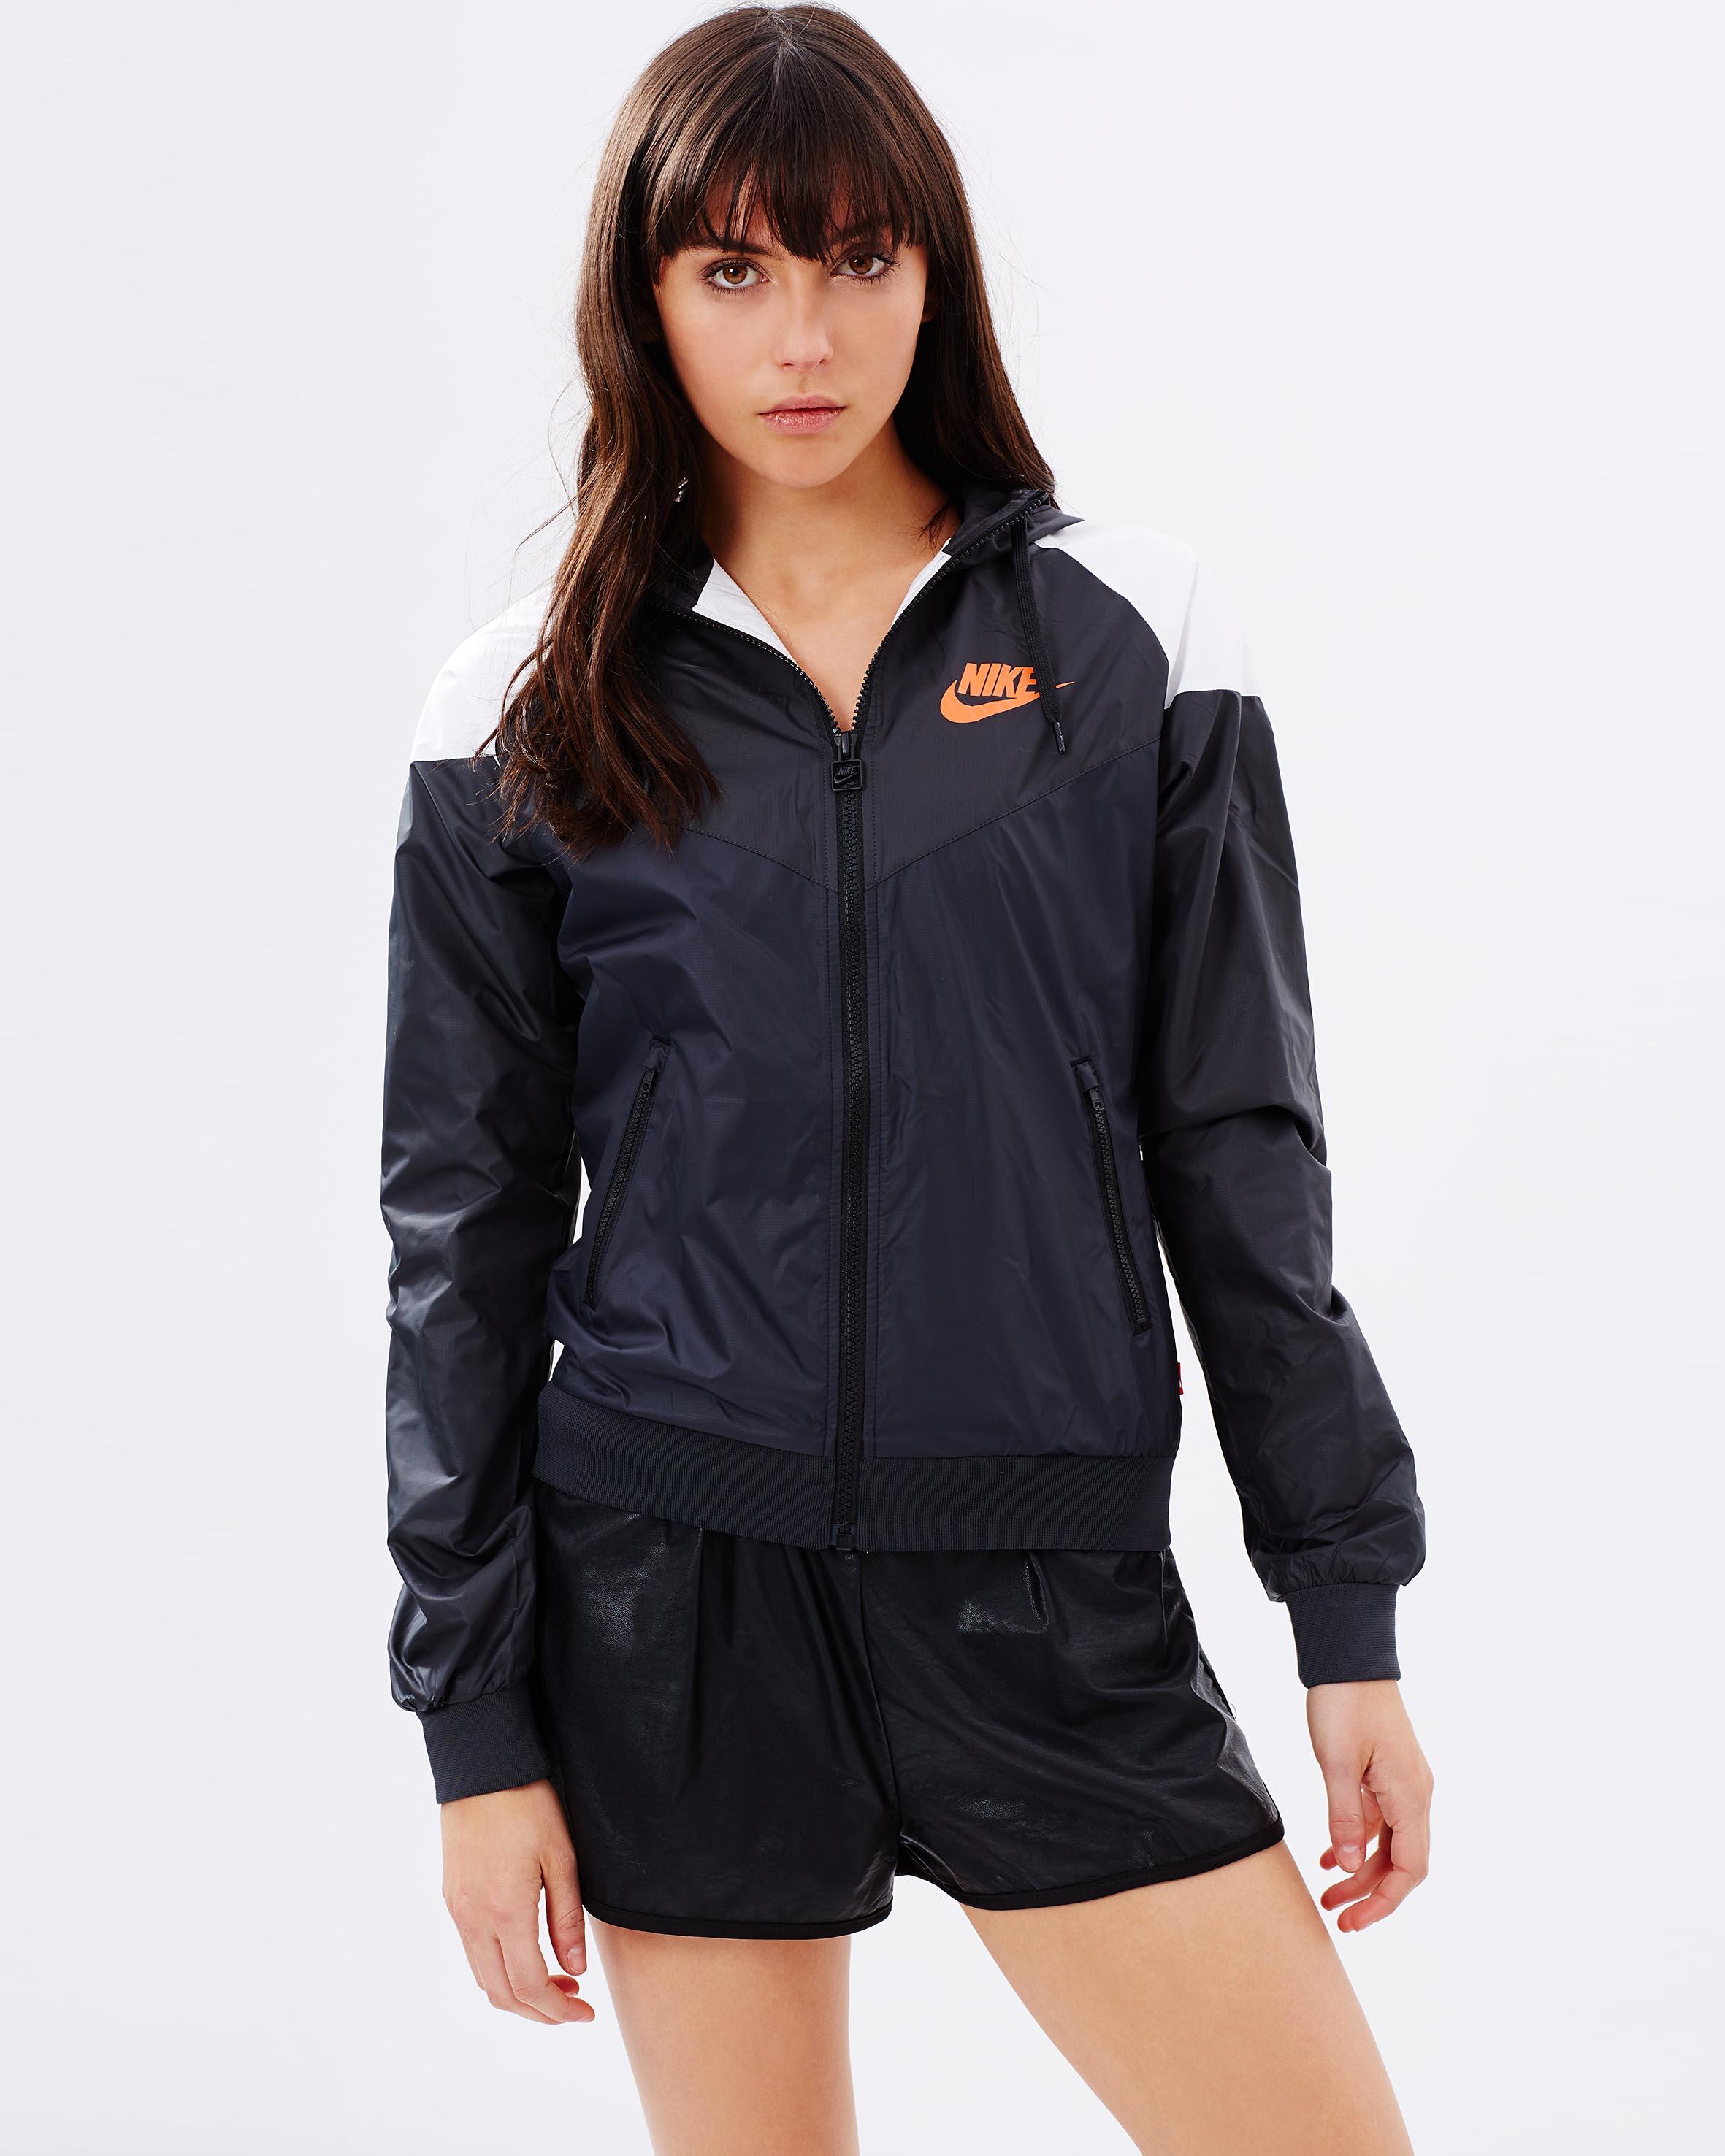 bd879871 Ветровка является самым популярным видом одежды и самым практичным. Будучи  универсальной курткой, подходящей практически для любых неблагоприятных  погодных ...